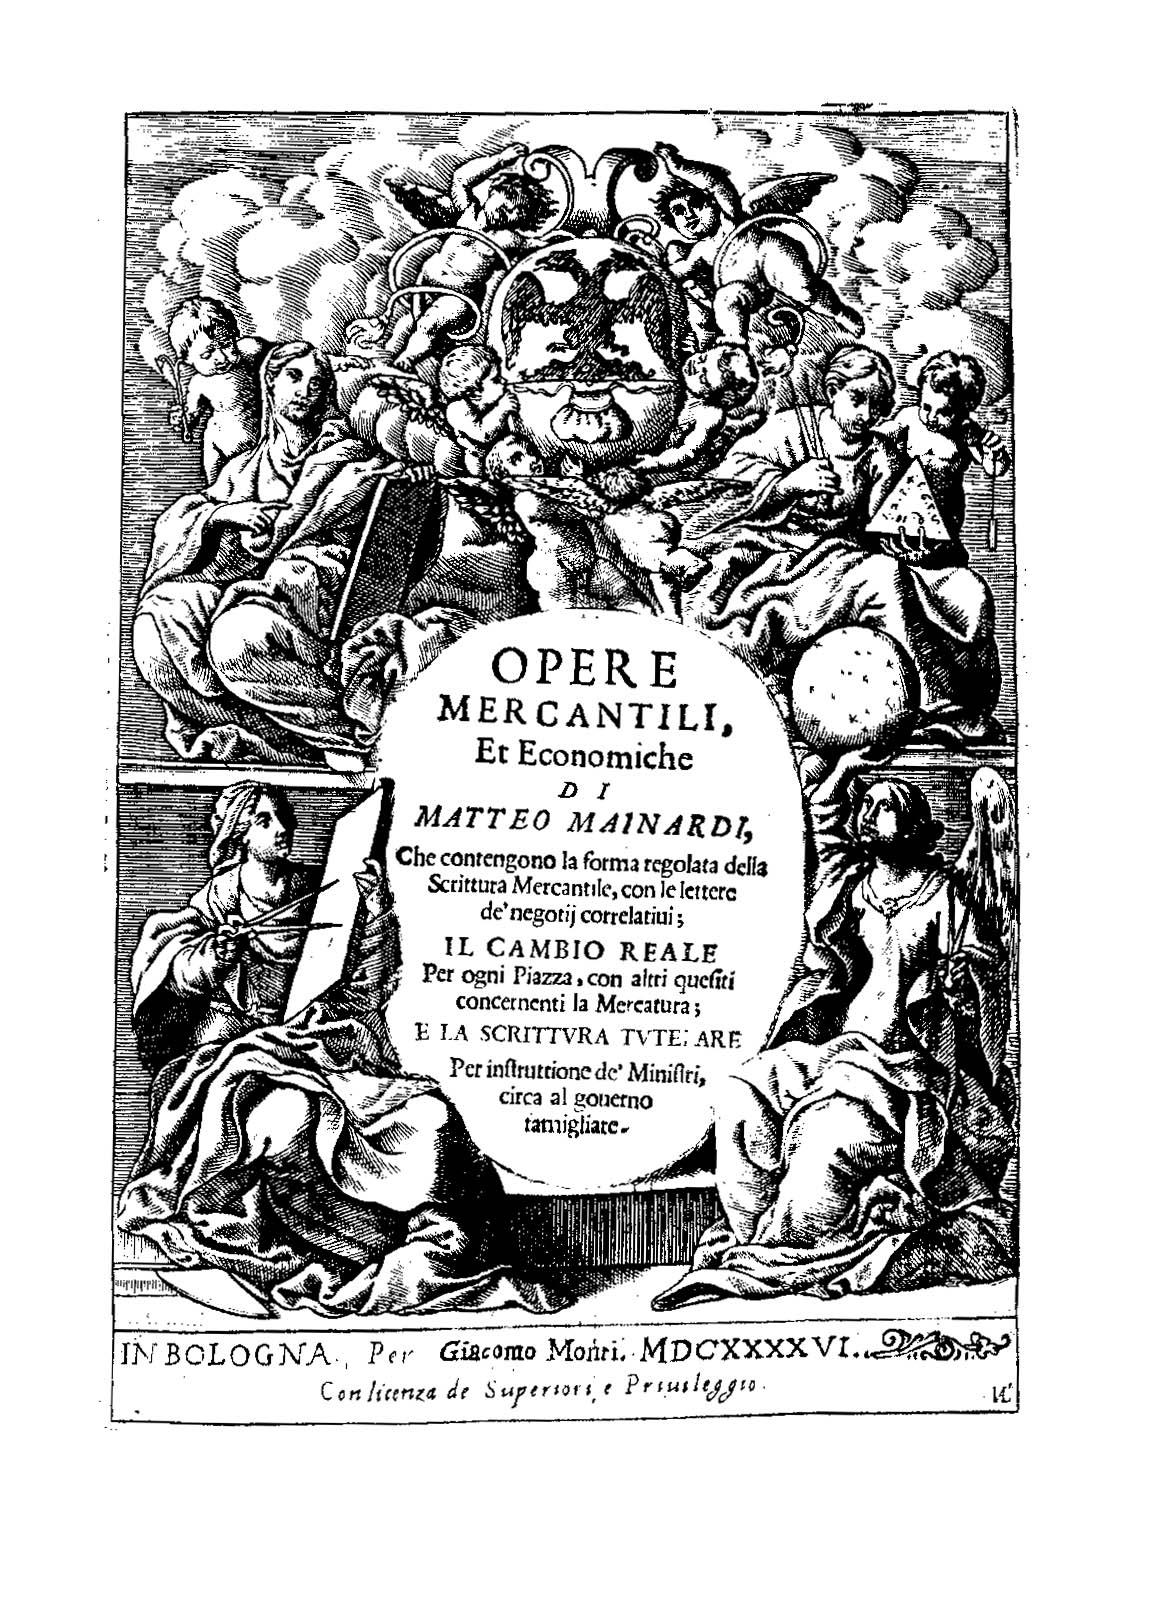 ''Opere mercantili et economiche'', 1646